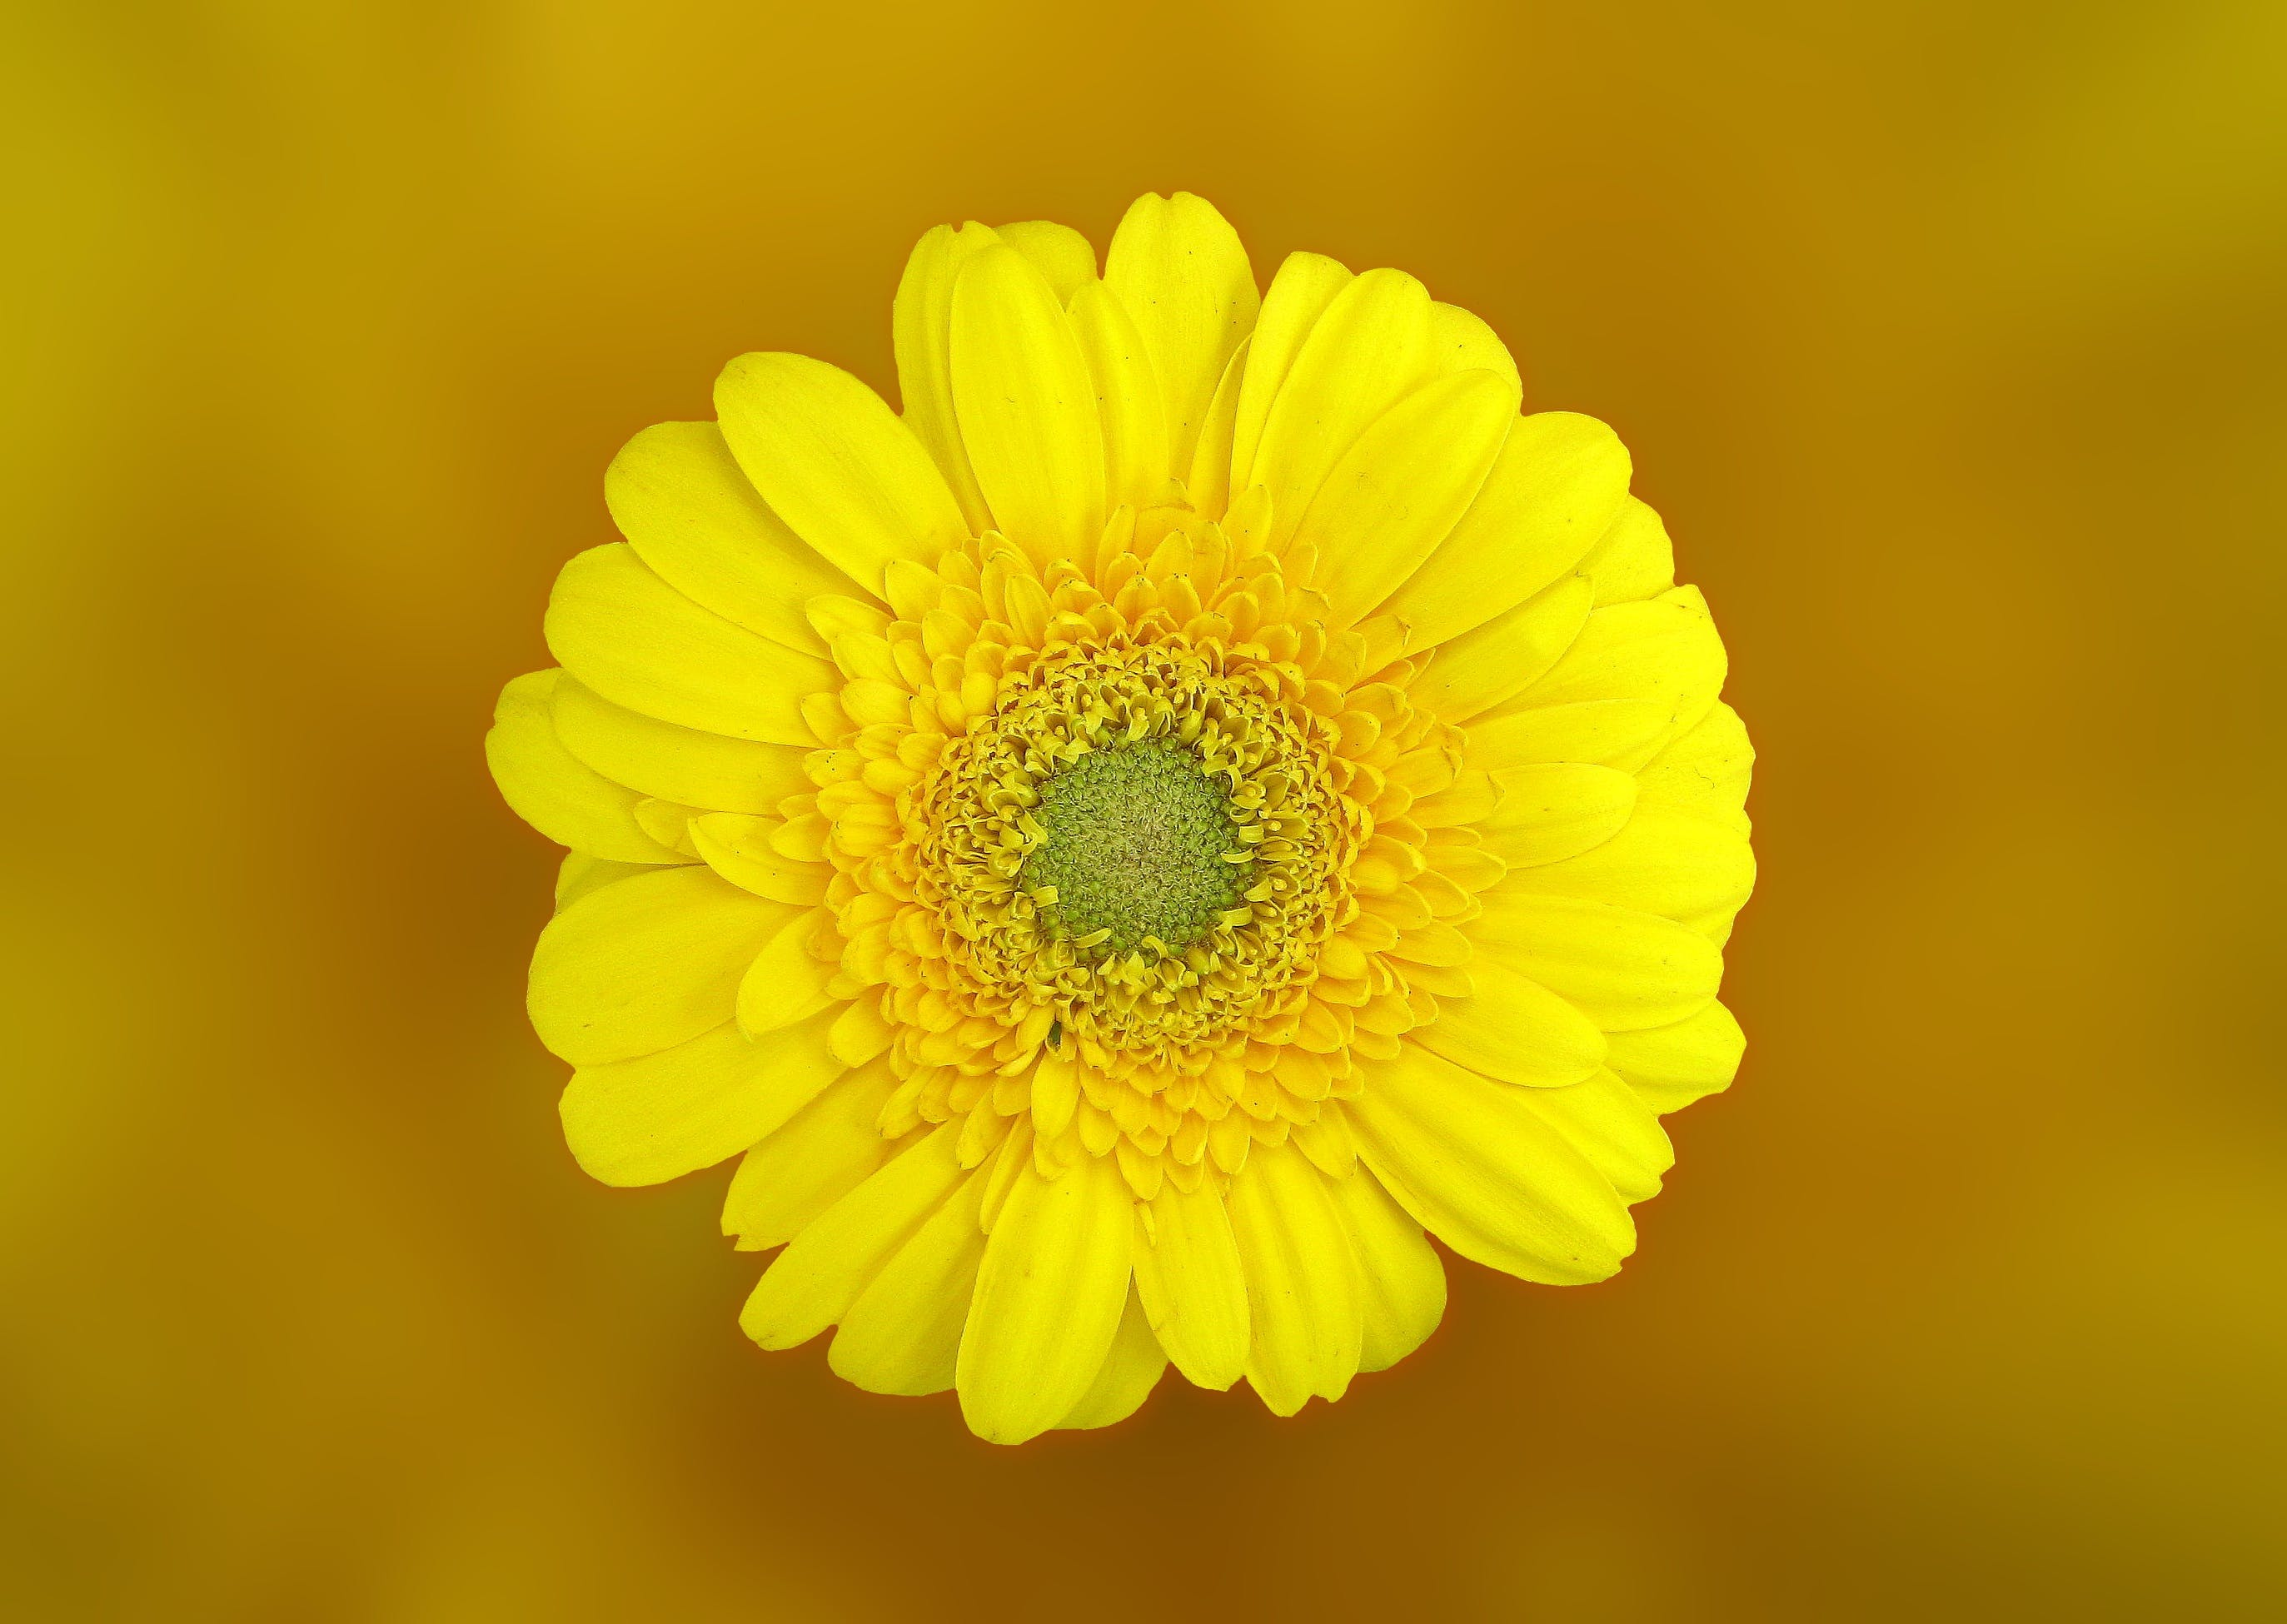 Yellow Daisy in Macro Shot